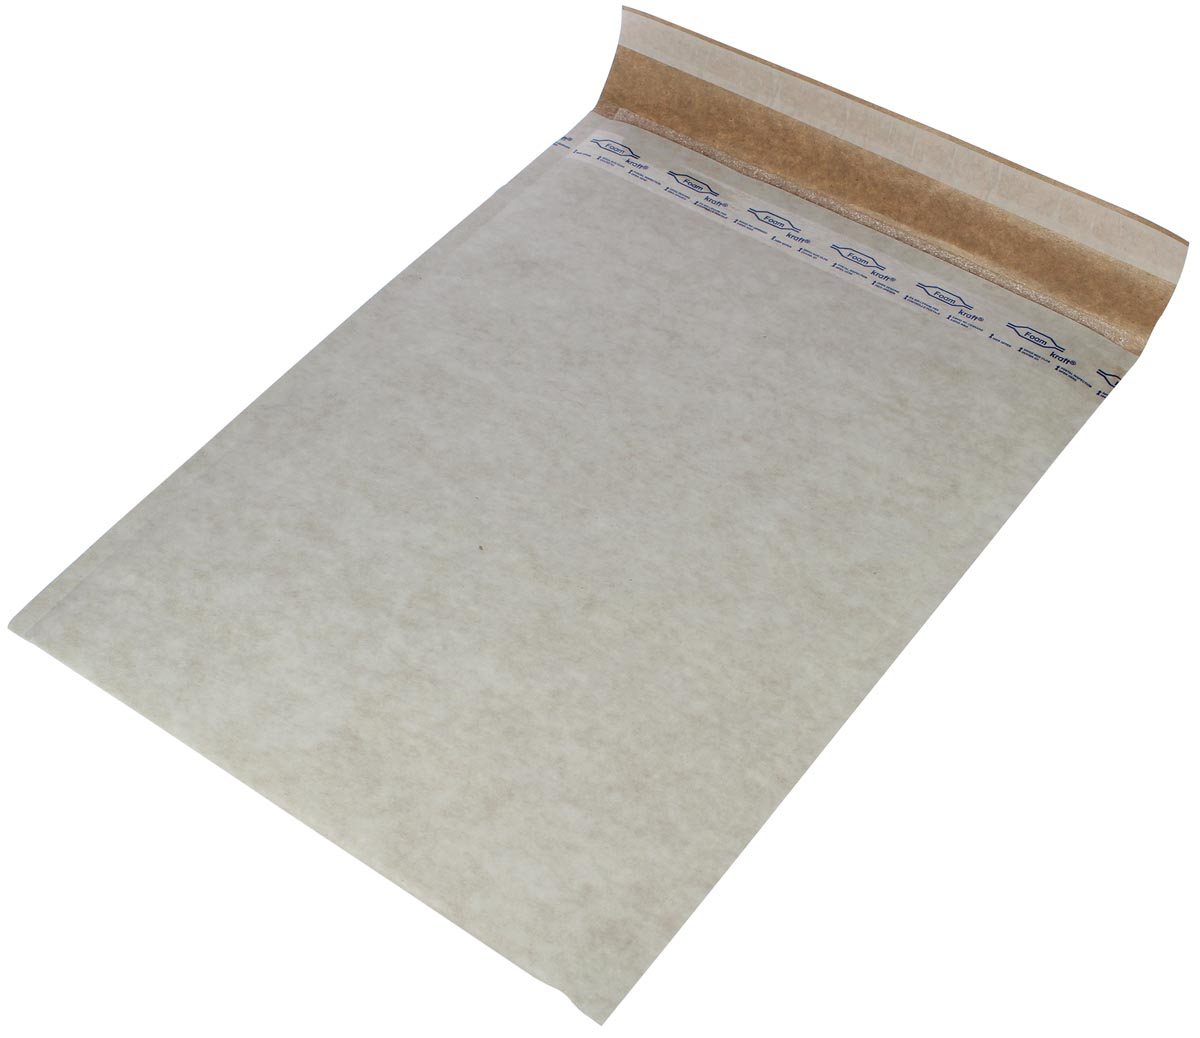 Jiffy verzendenveloppen met schuimvulling ft 267 x 376 mm, pak van 10 stuks